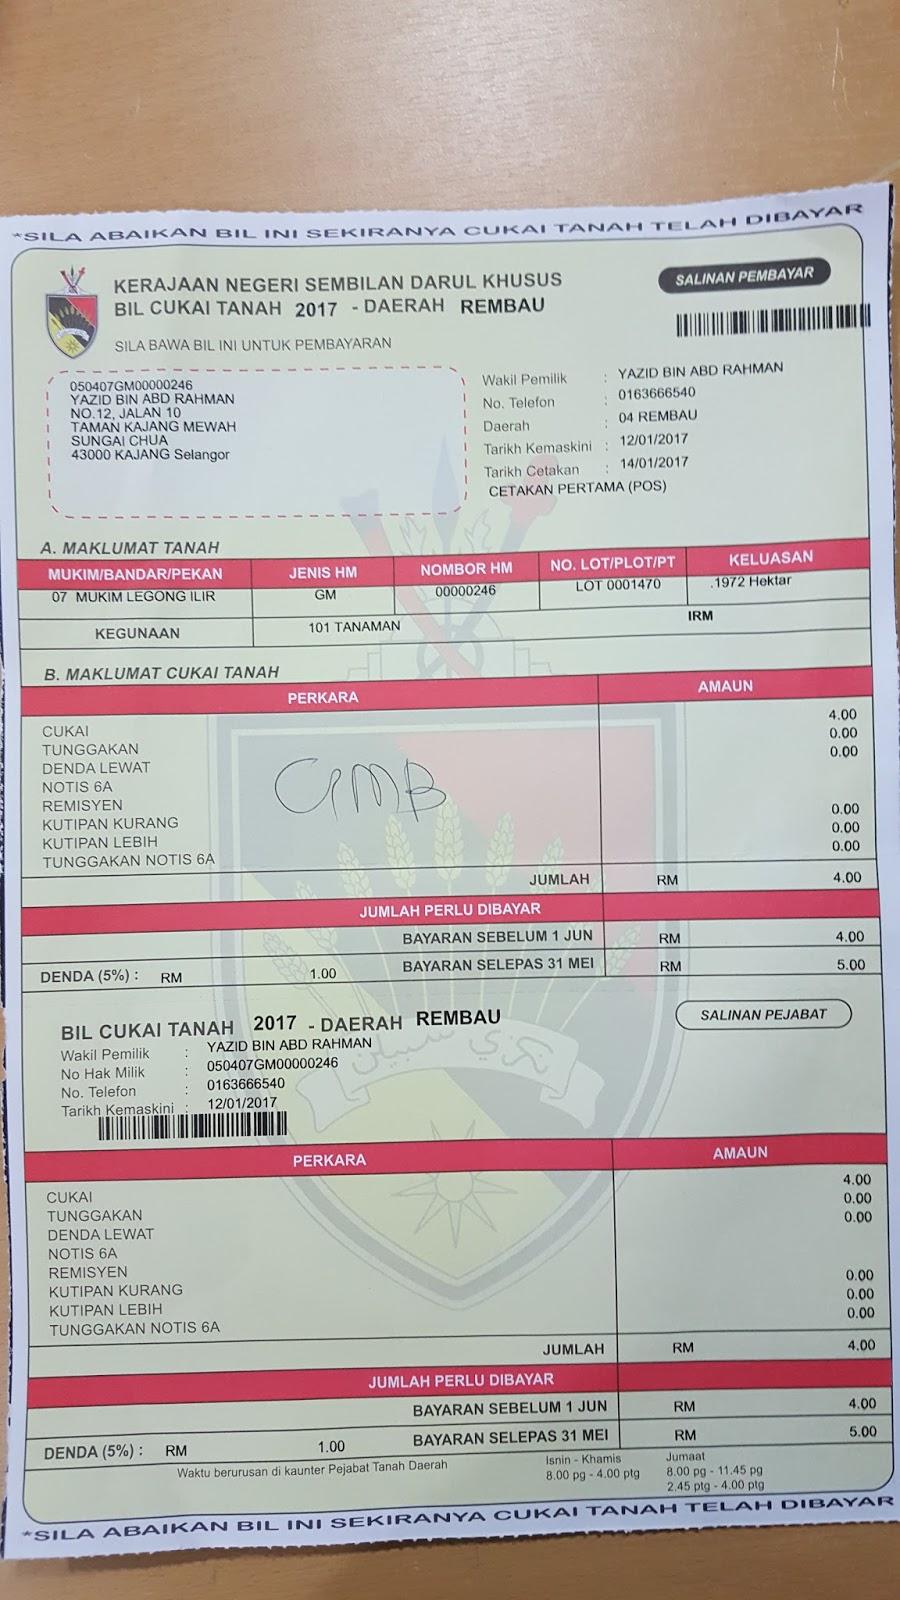 dizay164: Contoh Bil Cukai Tanah Negeri Sembilan